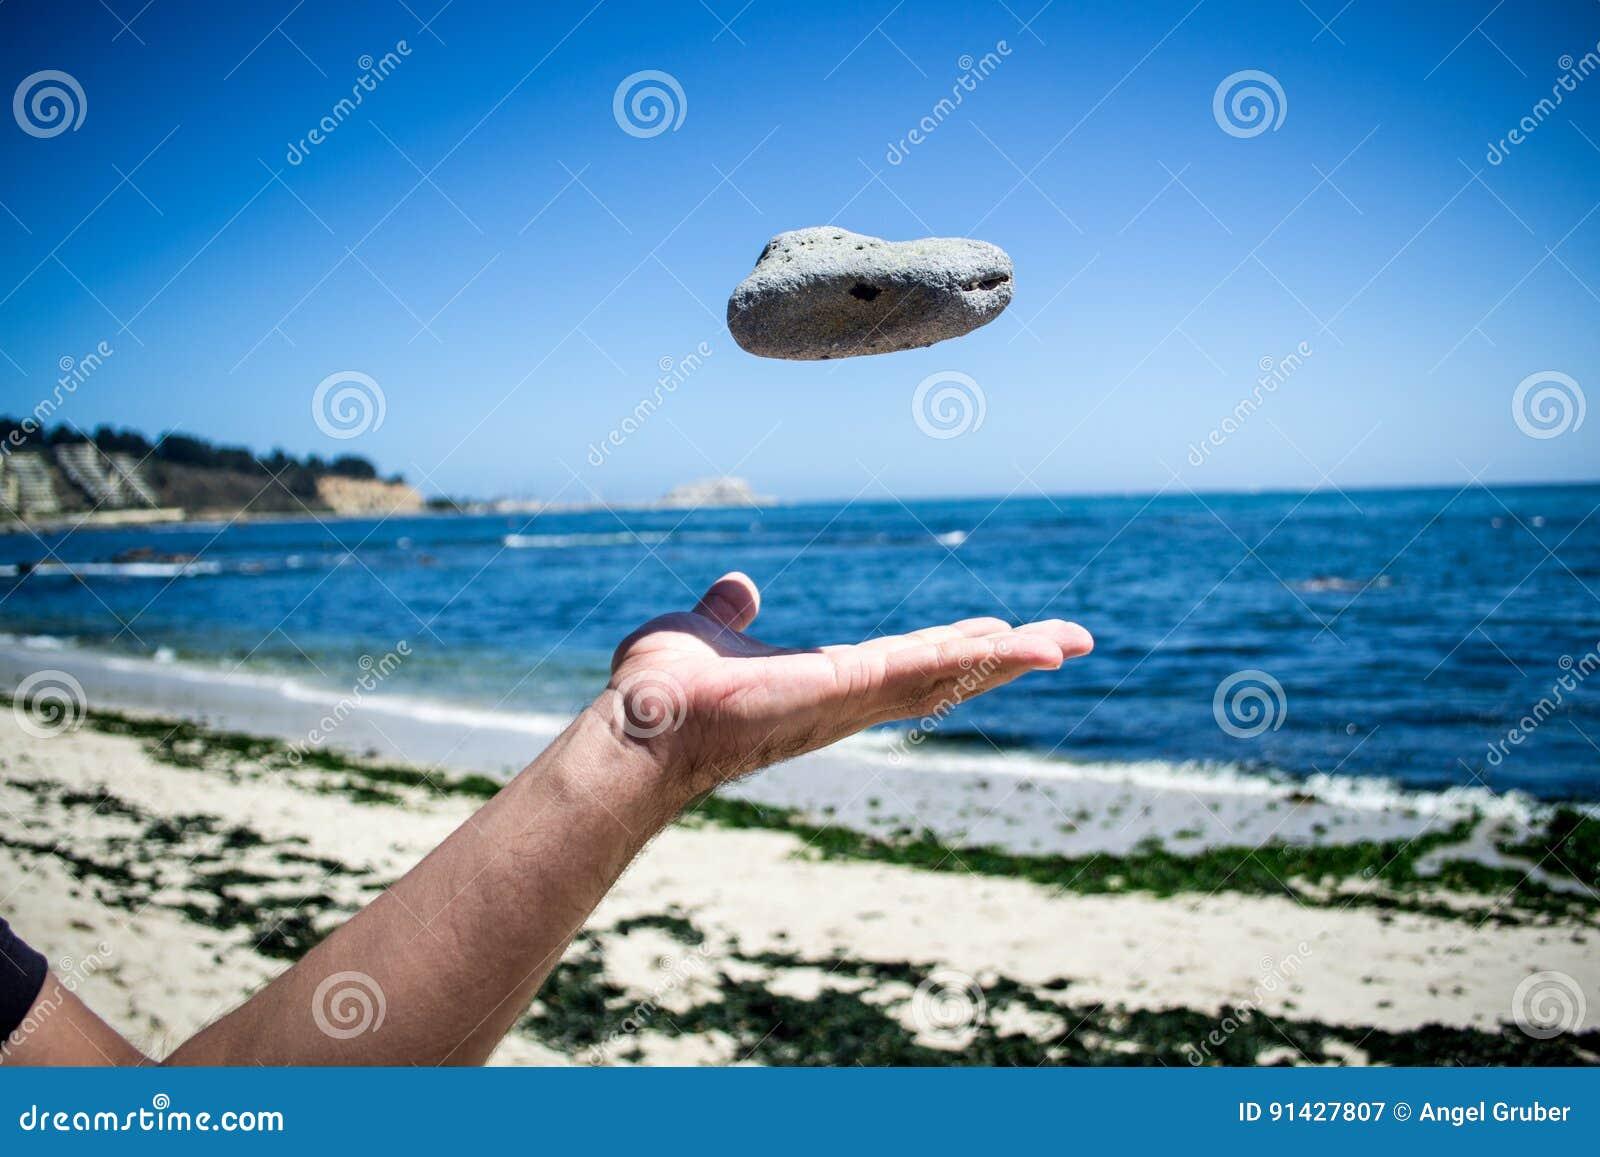 Рука бросая камень